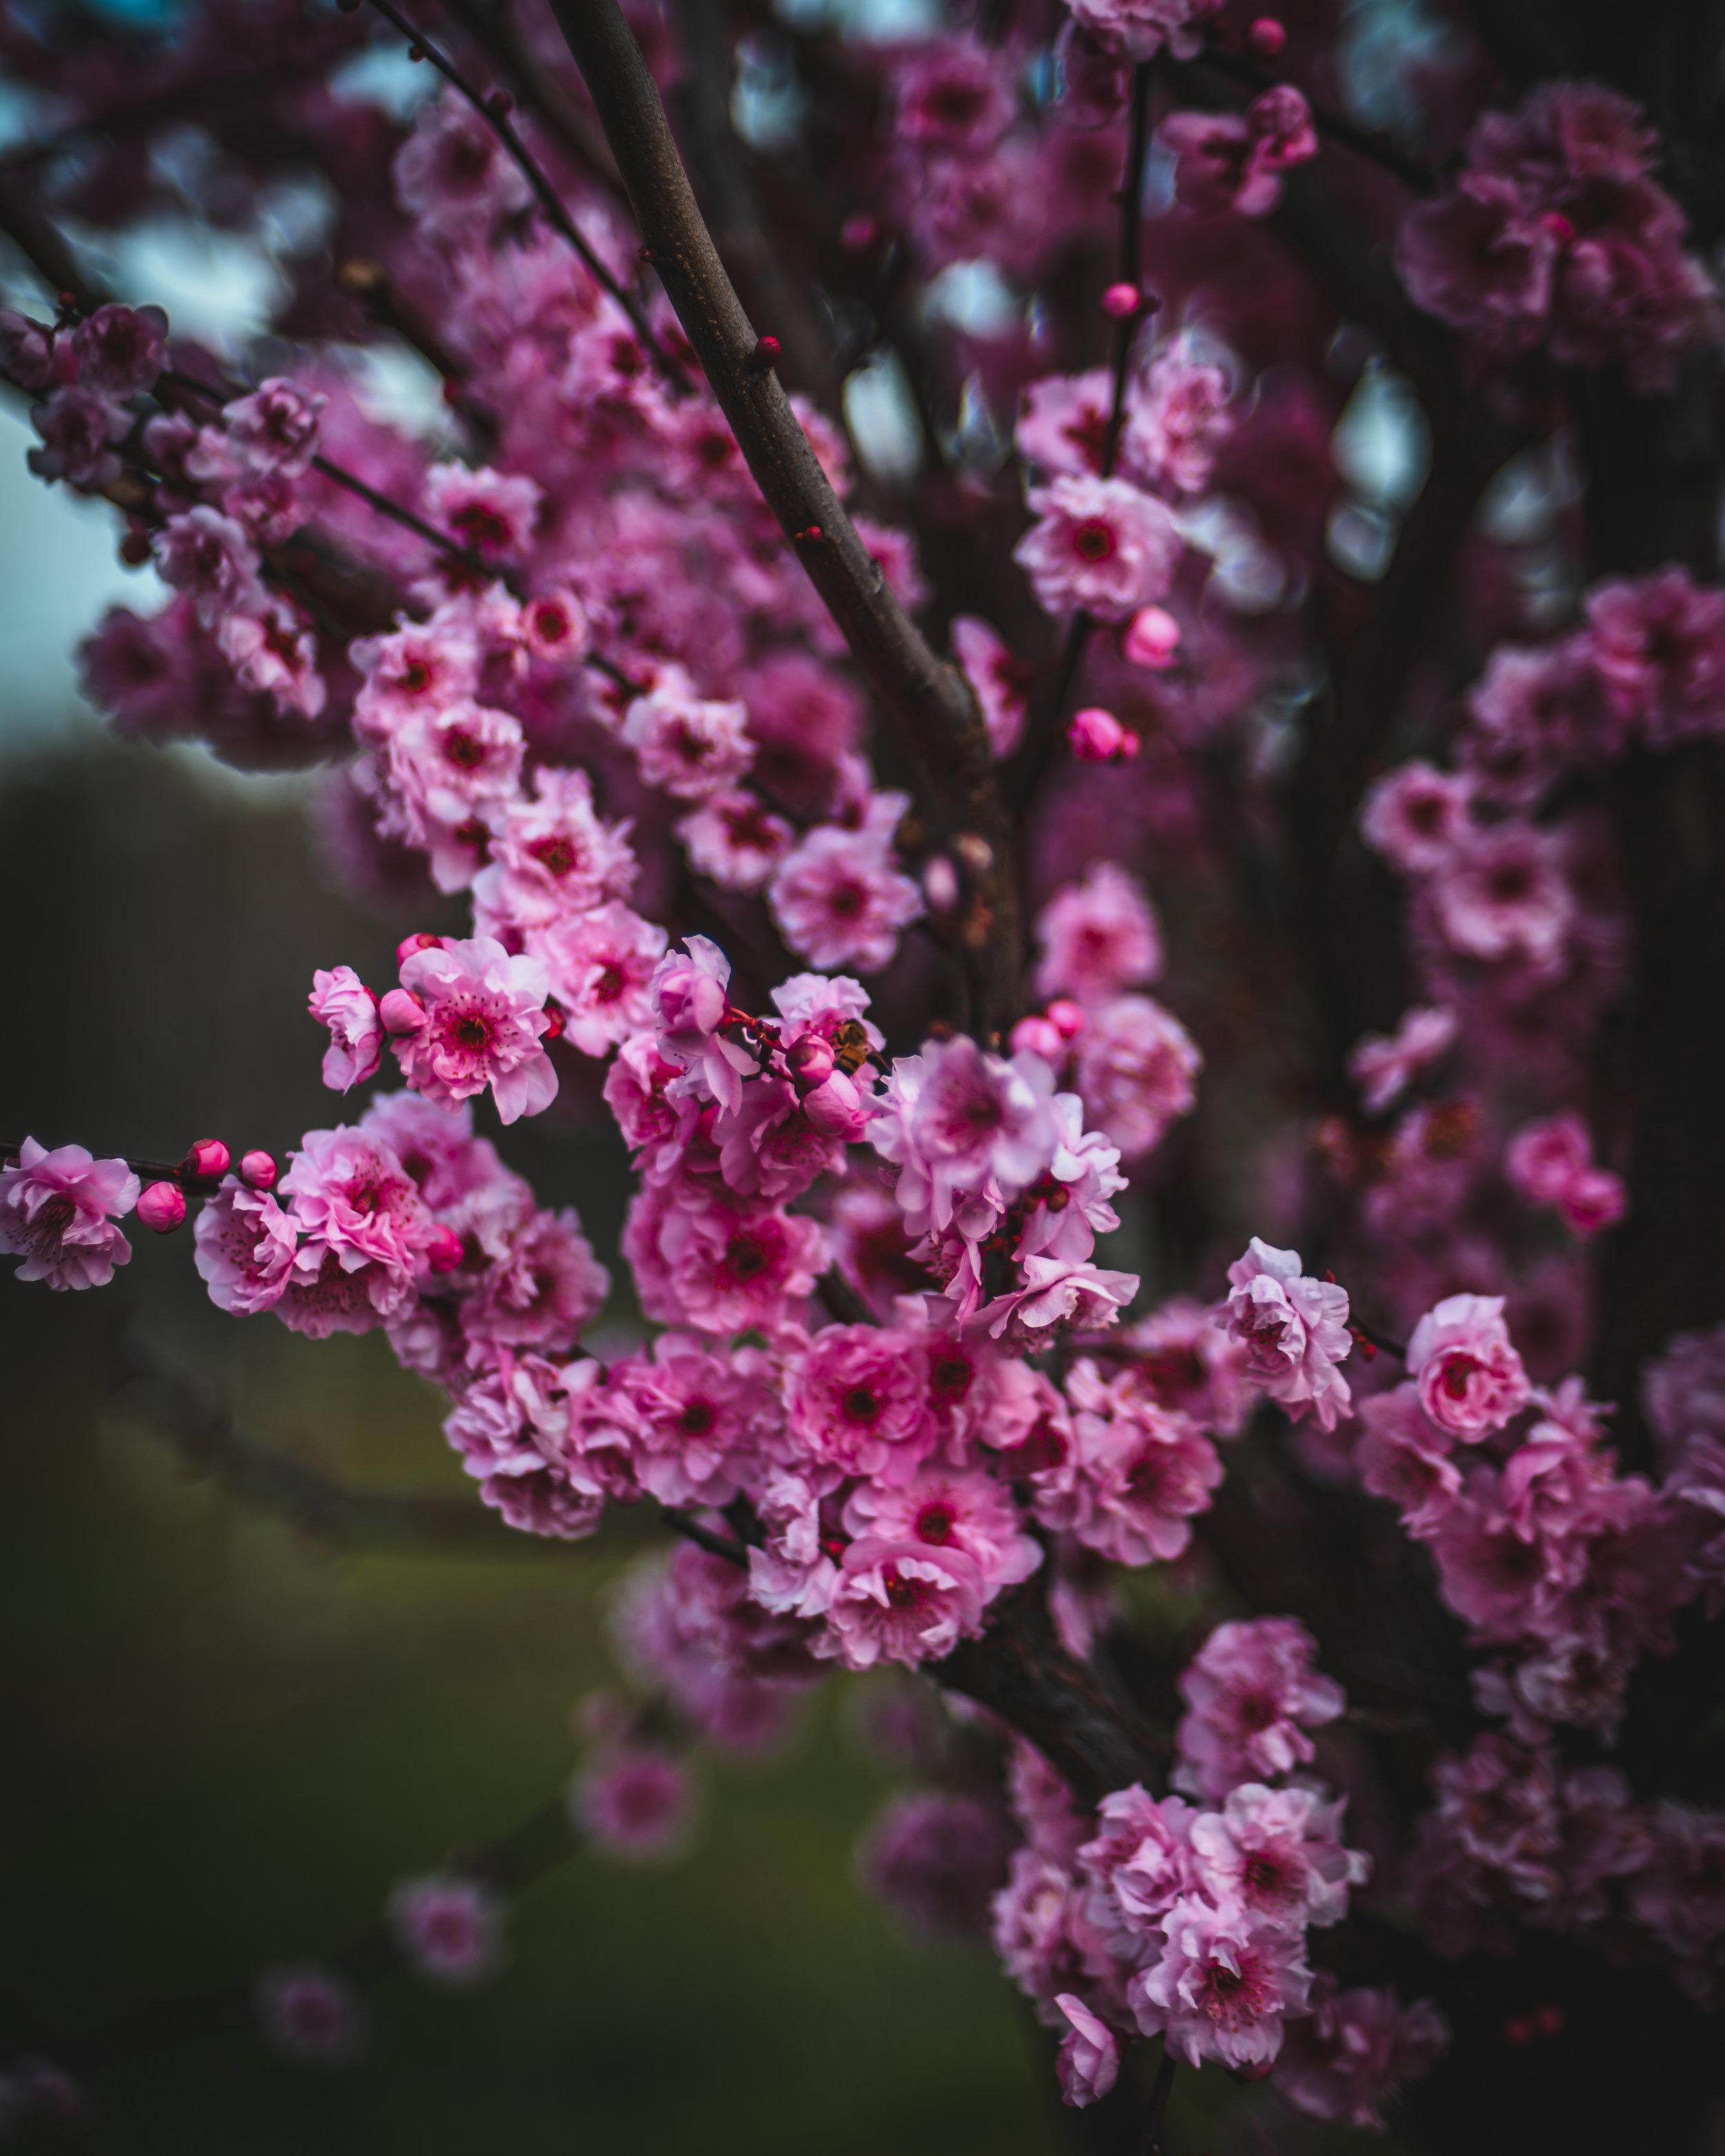 20190821_PrunusXBlireana_OR_BD-03.jpg